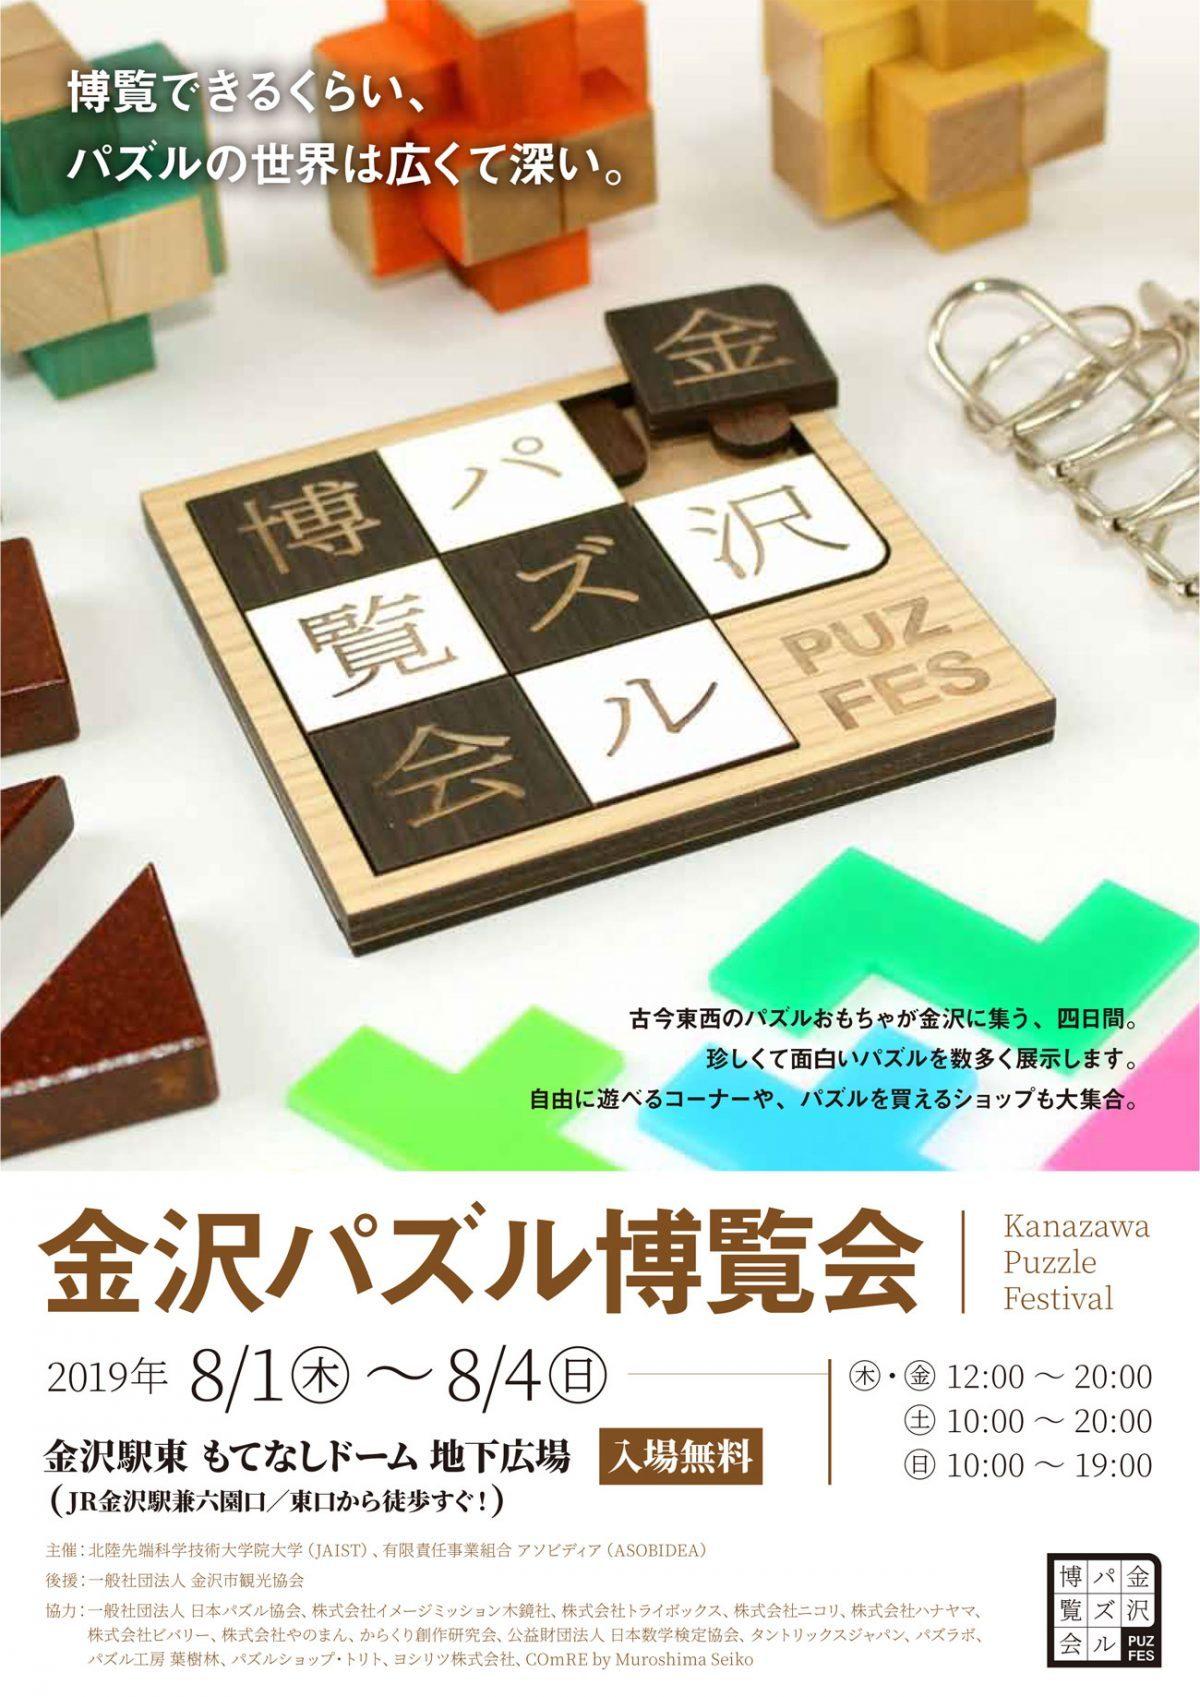 古今東西のパズルおもちゃが一堂に集まる「金沢パズル博覧会」が開催